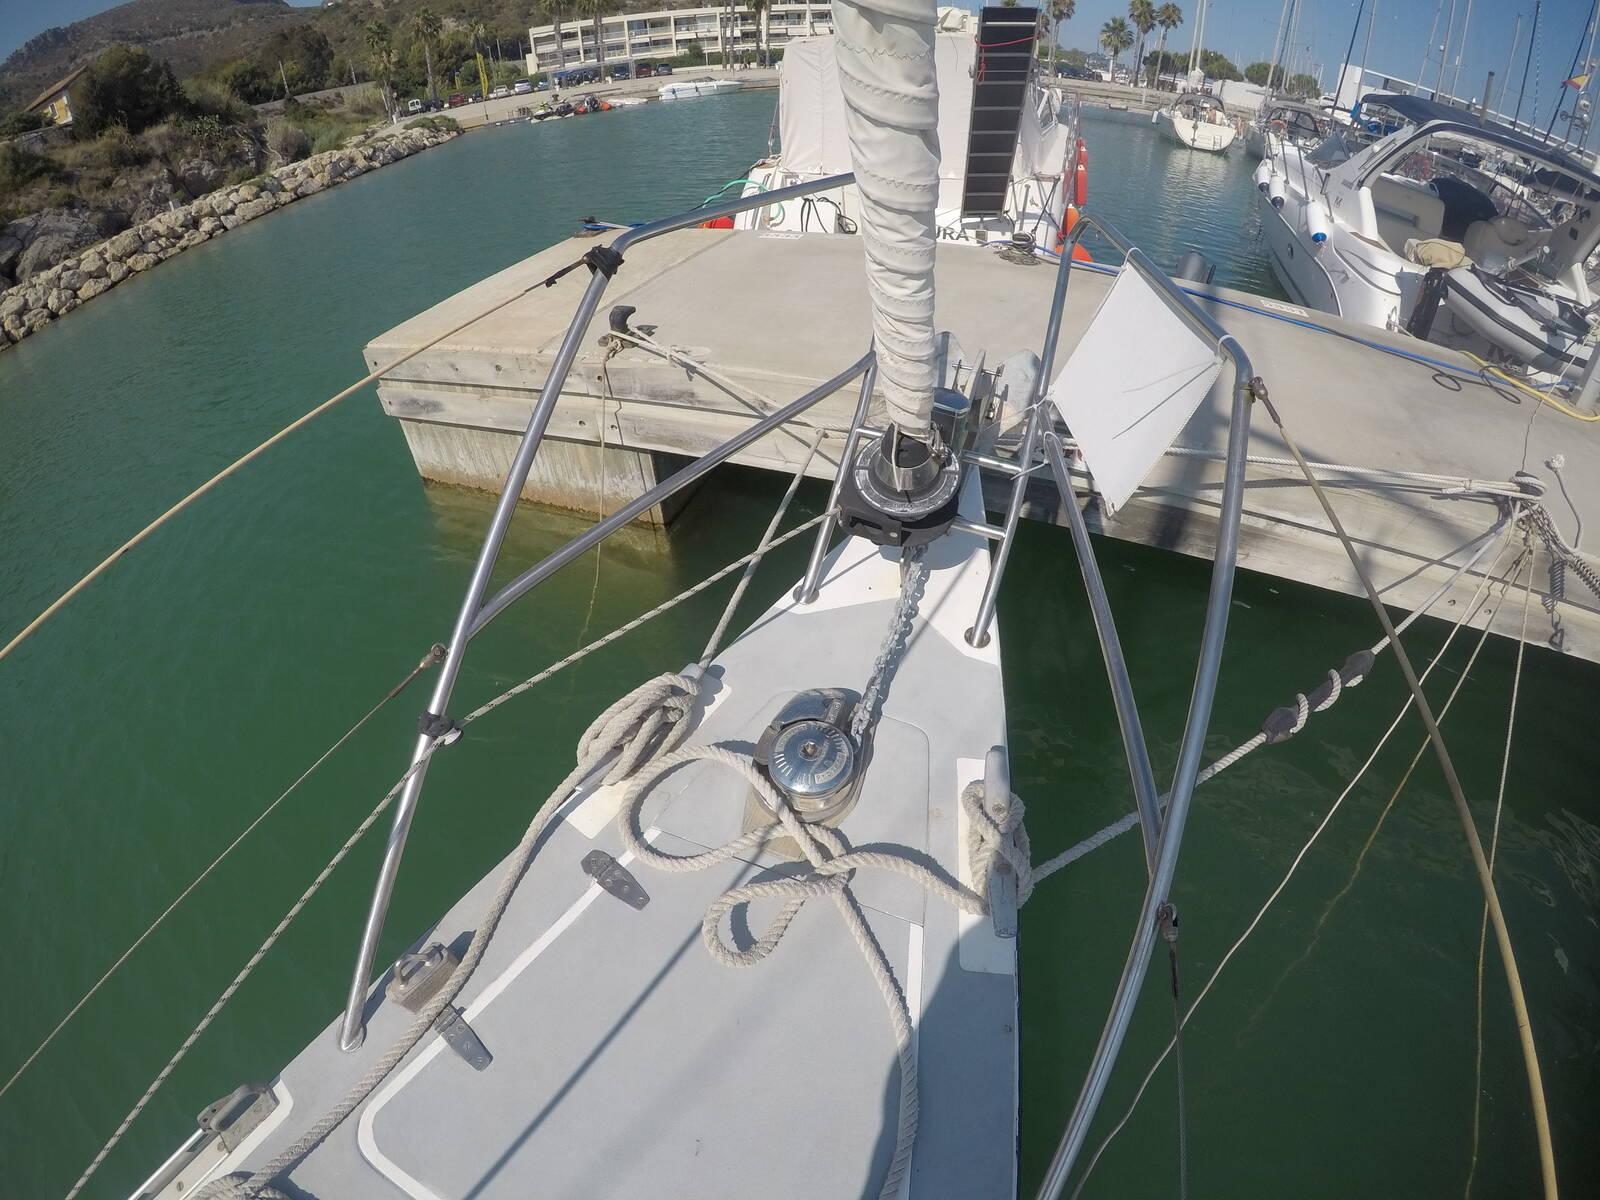 Ansa 42 Sailing Yacht bow